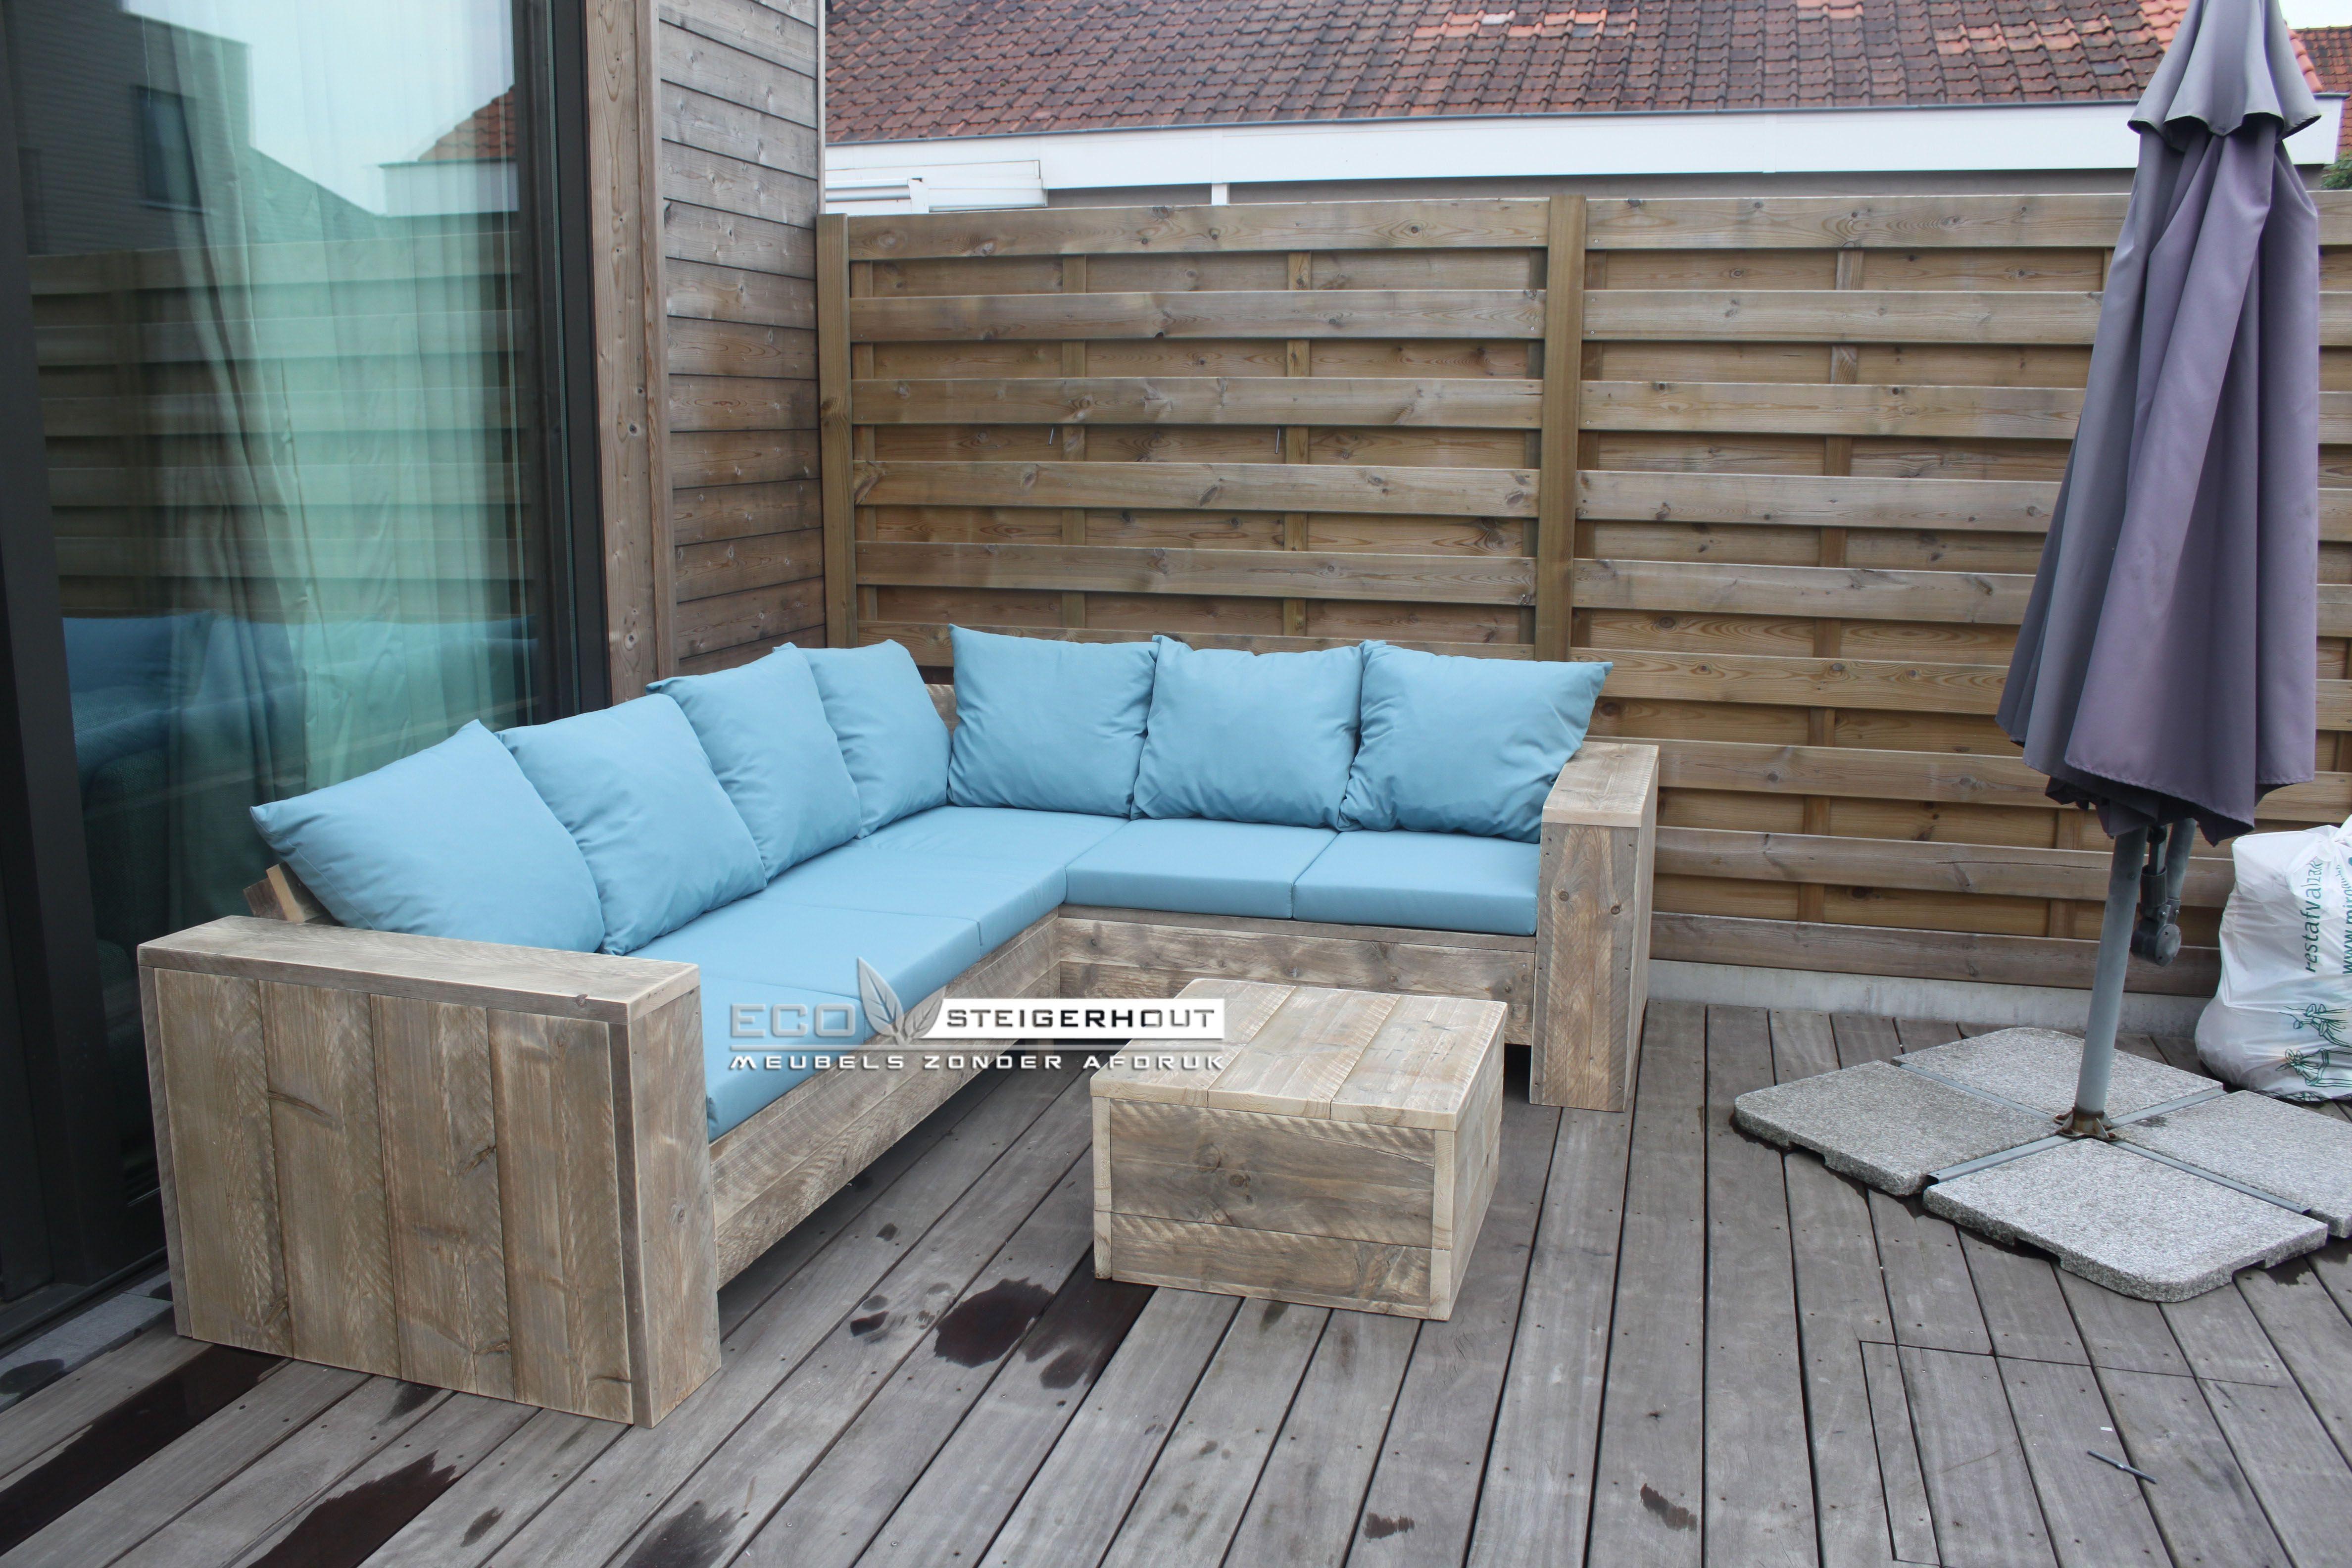 All Weather Kussens : Steigerhouten lounge hoekbank gemaakt van oud steigerhout behandeld